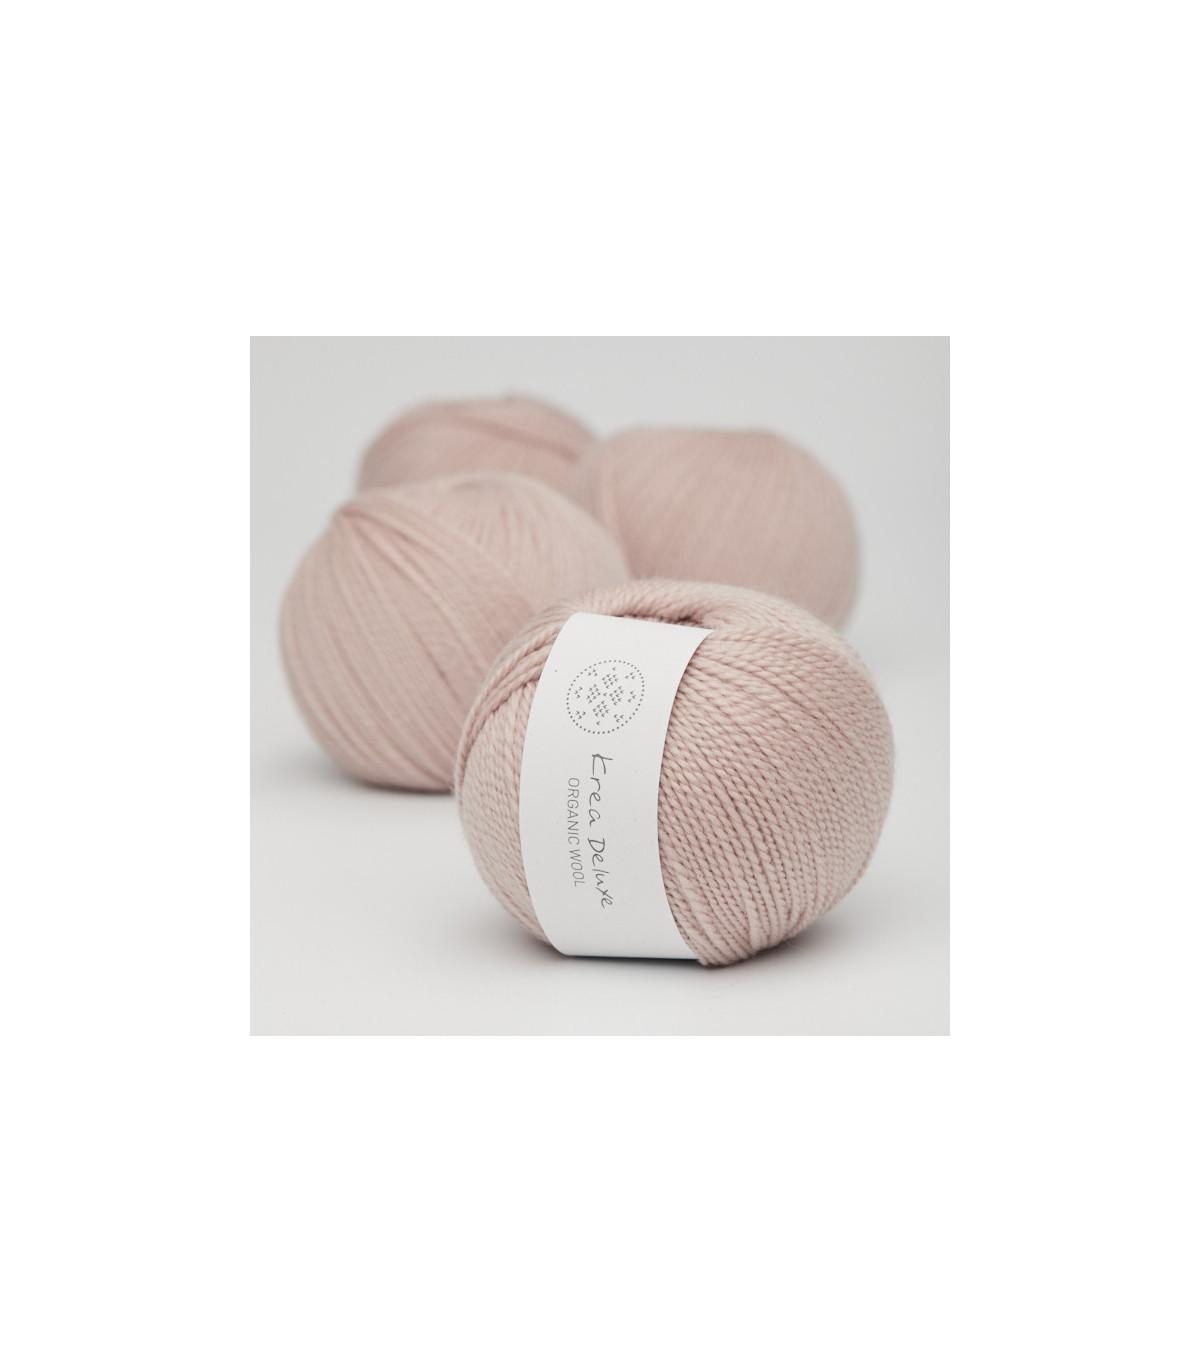 Wool 1 (Neu) - Krea Deluxe in der Farbe W 07 Puder